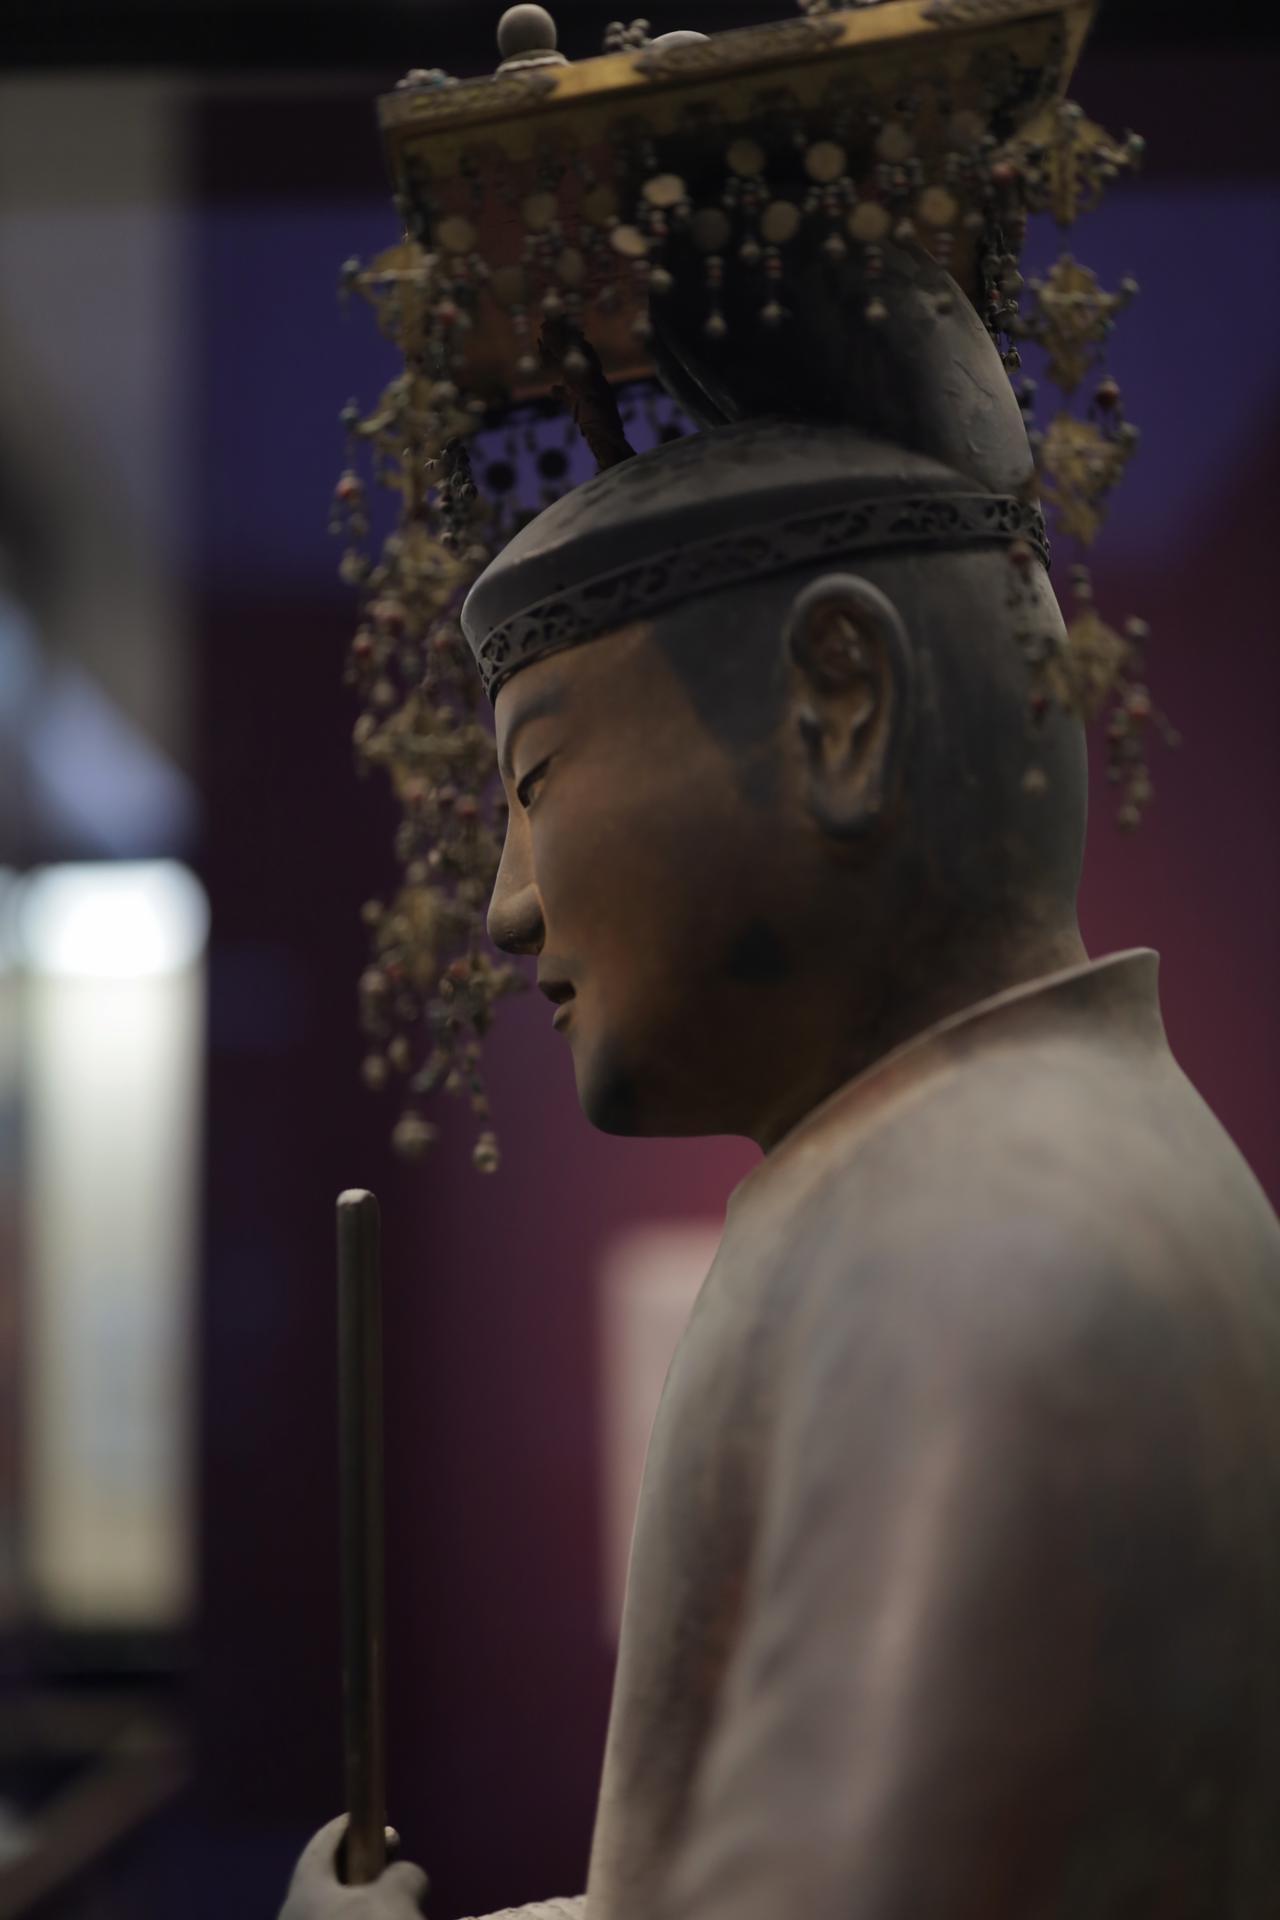 画像4: 聖徳太子坐像 平安時代 保安2(1121)年 奈良・法隆寺(聖霊院安置・秘仏) 国宝 部分